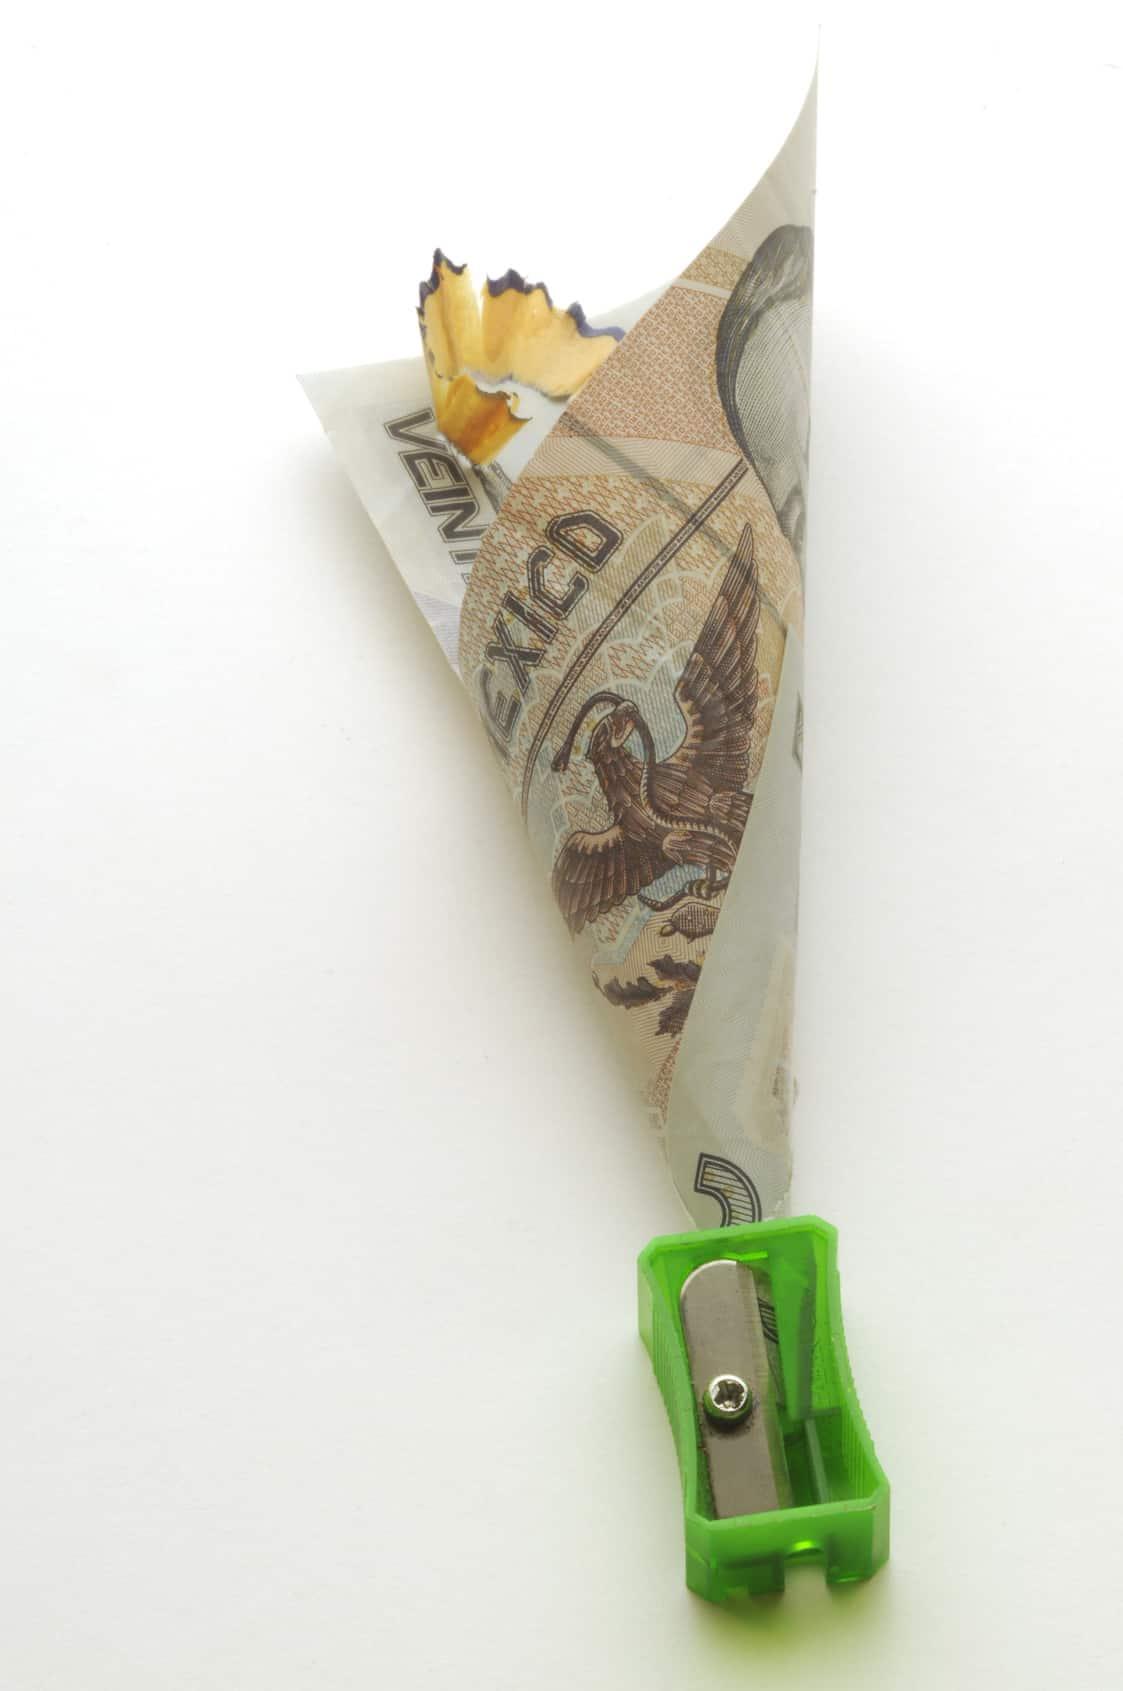 La discusión se ha centrado en la disminución de los salarios de la alta burocracia y la eliminación de prestaciones muy onerosas para el Estado